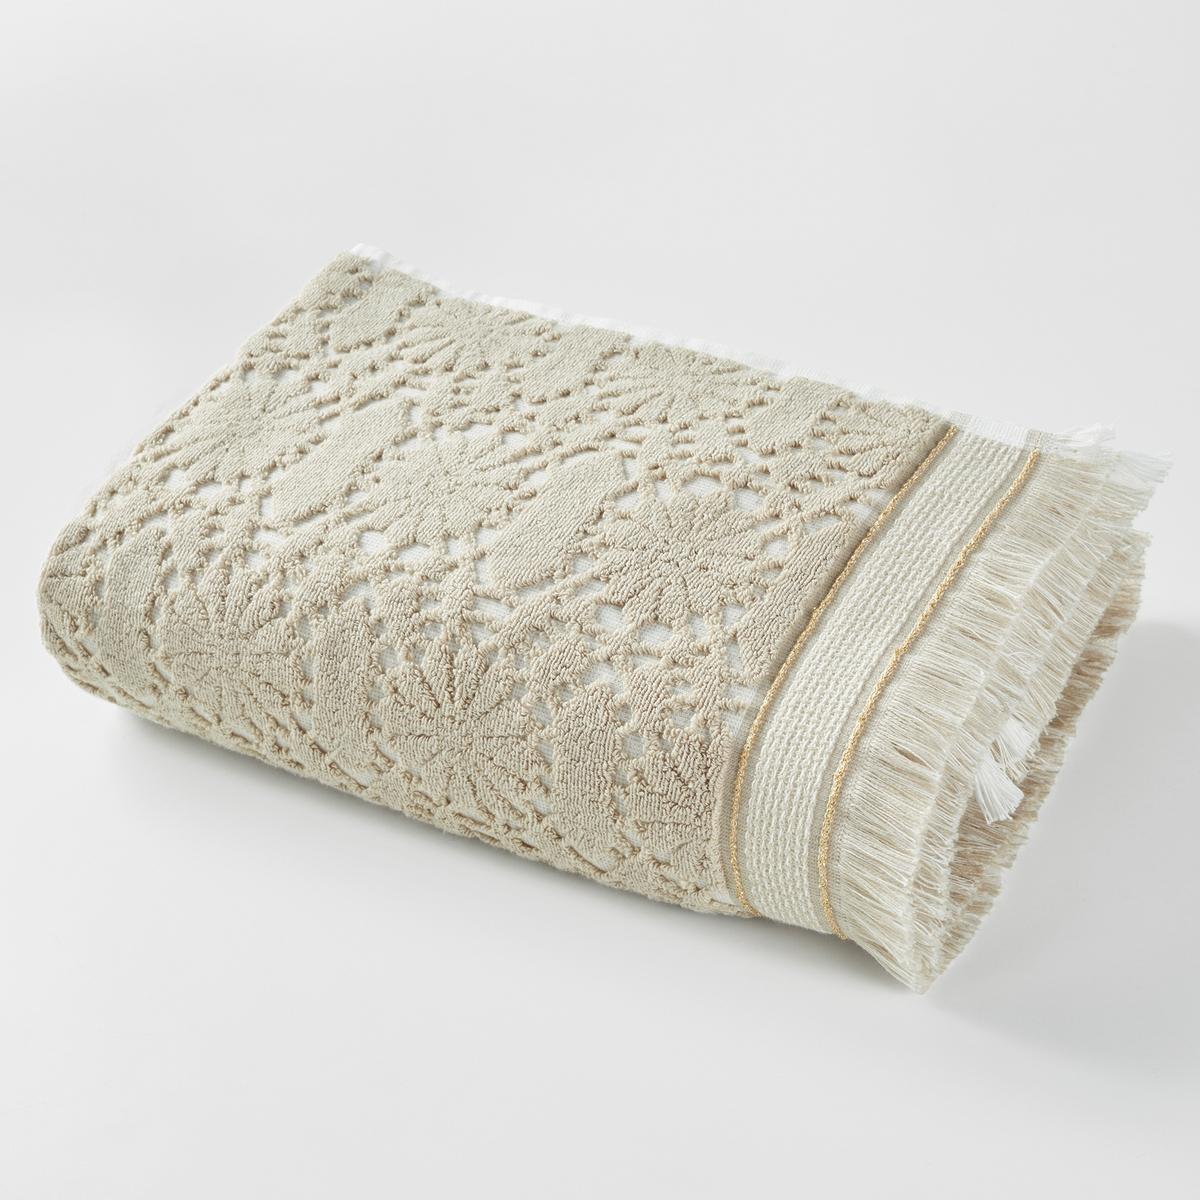 Полотенце банное Purdy, 500 г/м?Полотенце из жаккардовой ткани, 100% хлопка плотностью 500 г/м? с зубчатым рисунком Характеристики банного полотенца Purdyмягкий и пористый ультравпитывающий материал стирать при 40°.Жаккардовая ткань с зубчатым рисунком.Размер банного полотенца Purdy50 x 100 см.<br><br>Цвет: бежевый,сине-зеленый,шафран